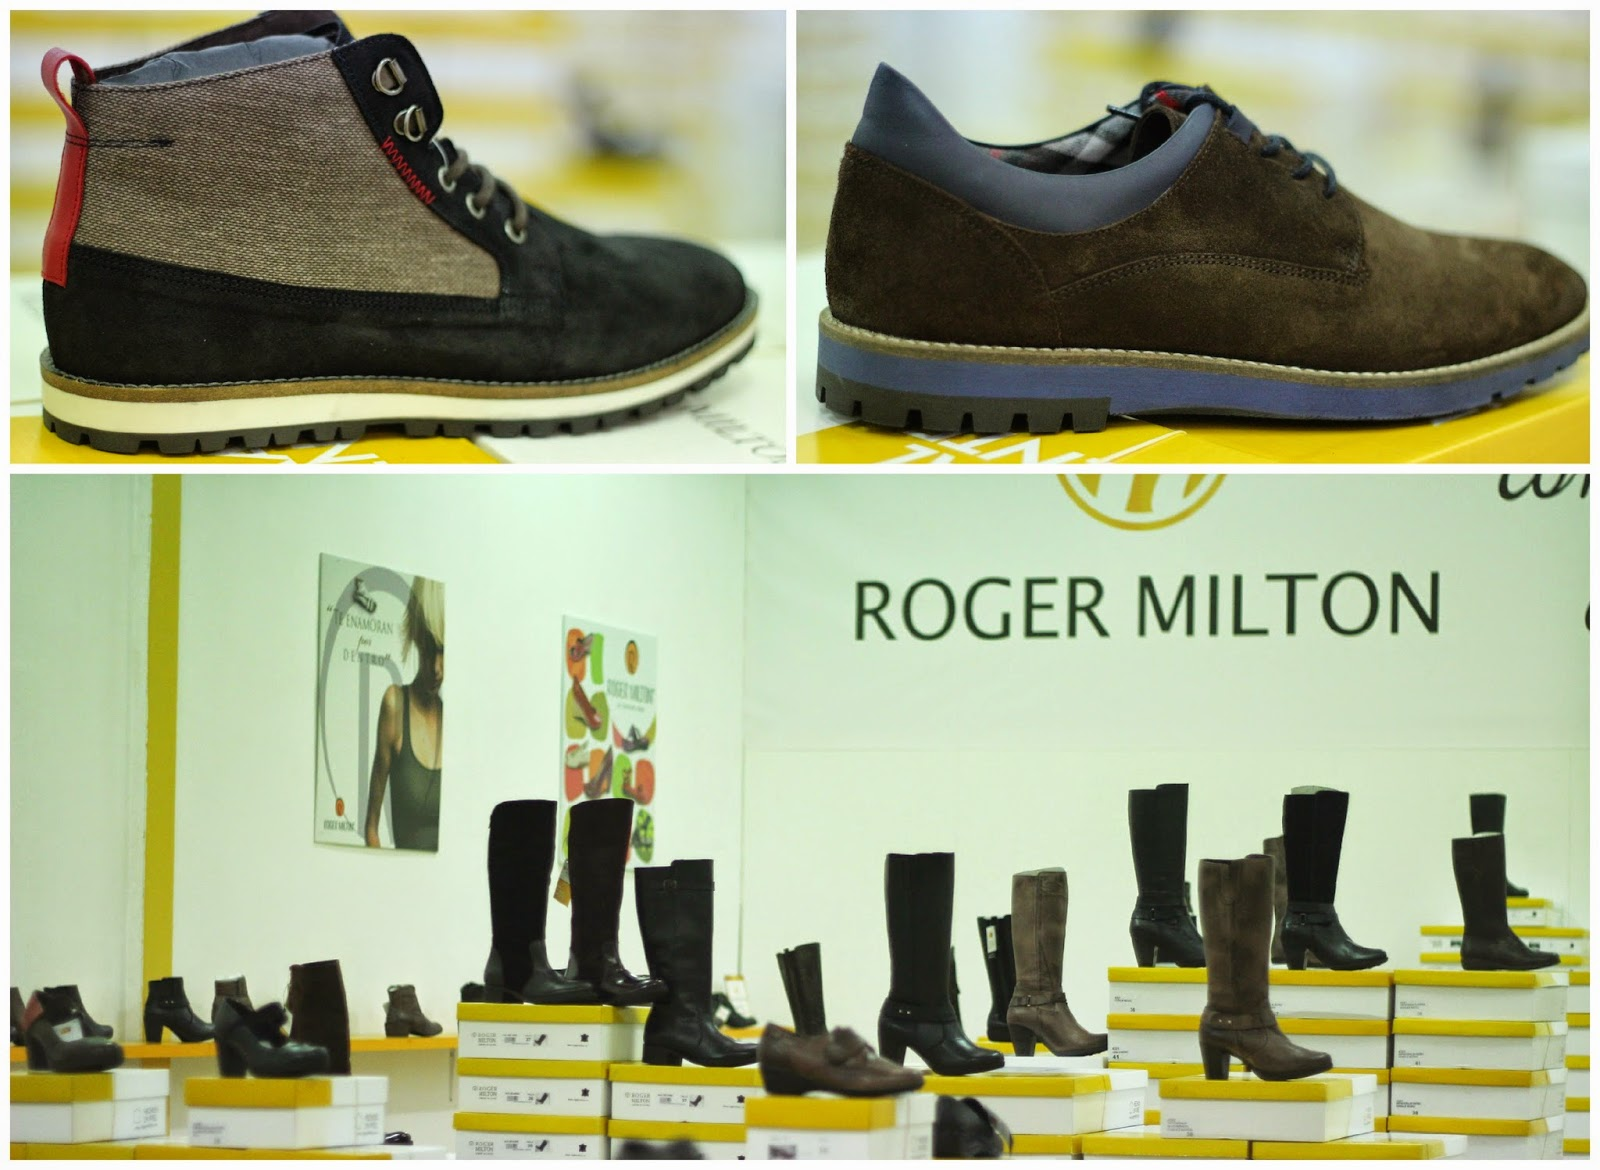 Calzado made in Spain - Calzado piel - Calzado cómodo - Botas - Roger Milton